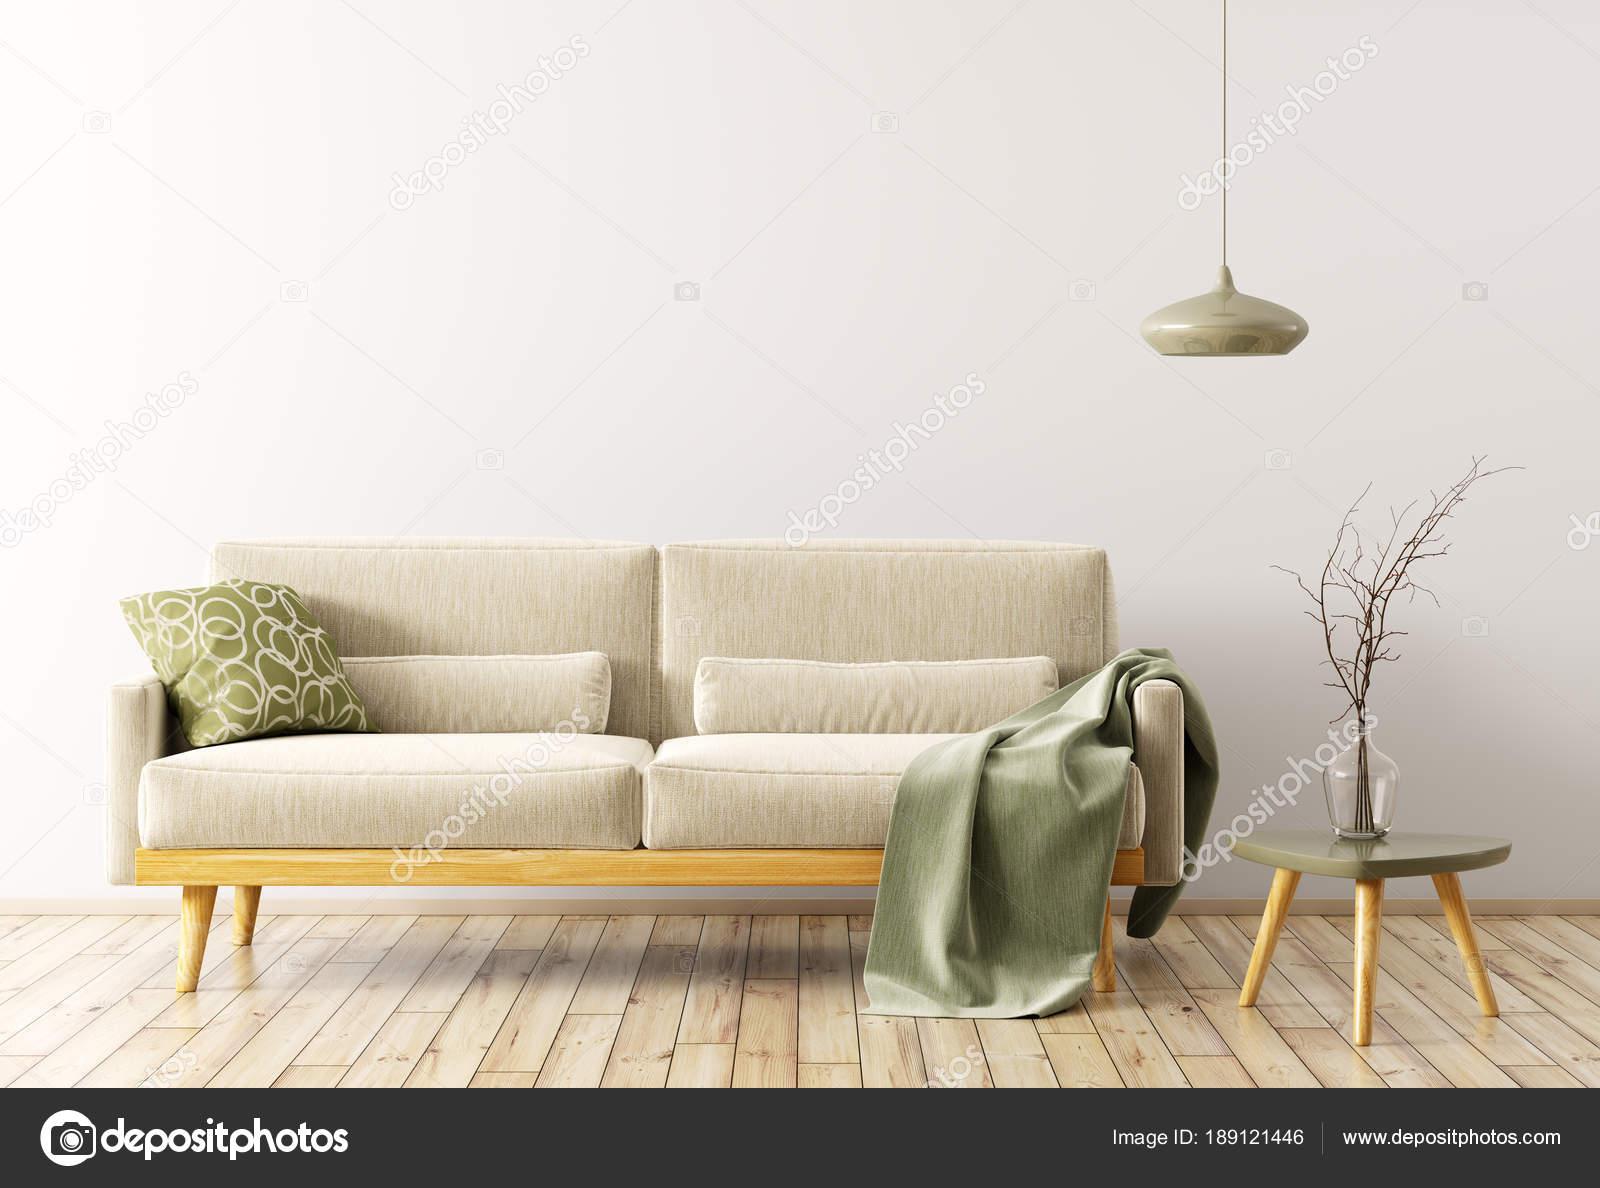 depositphotos_189121446-stockafbeelding-interieur-van-een-woonkamer-met